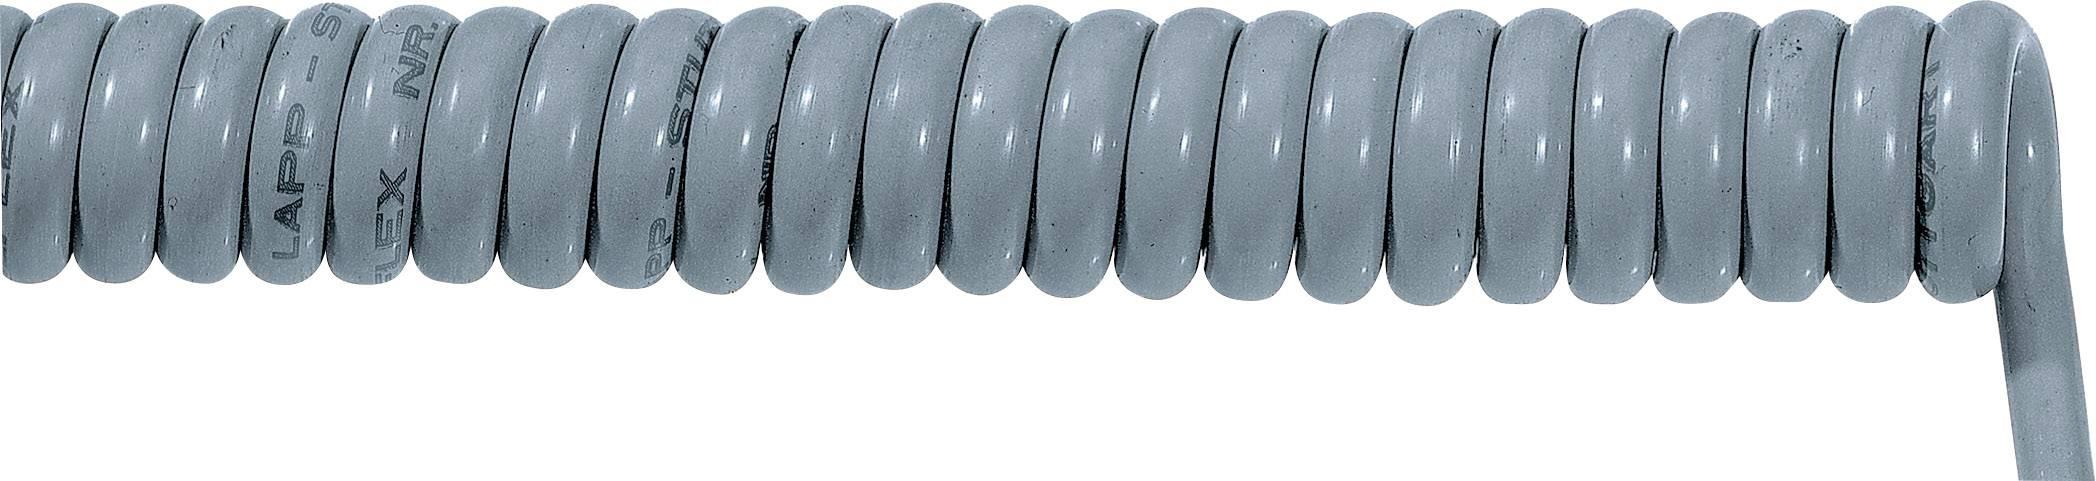 Špirálový kábel 70002641 ÖLFLEX® SPIRAL 400 P 5 x 0.75 mm², 1000 mm / 3000 mm, sivá